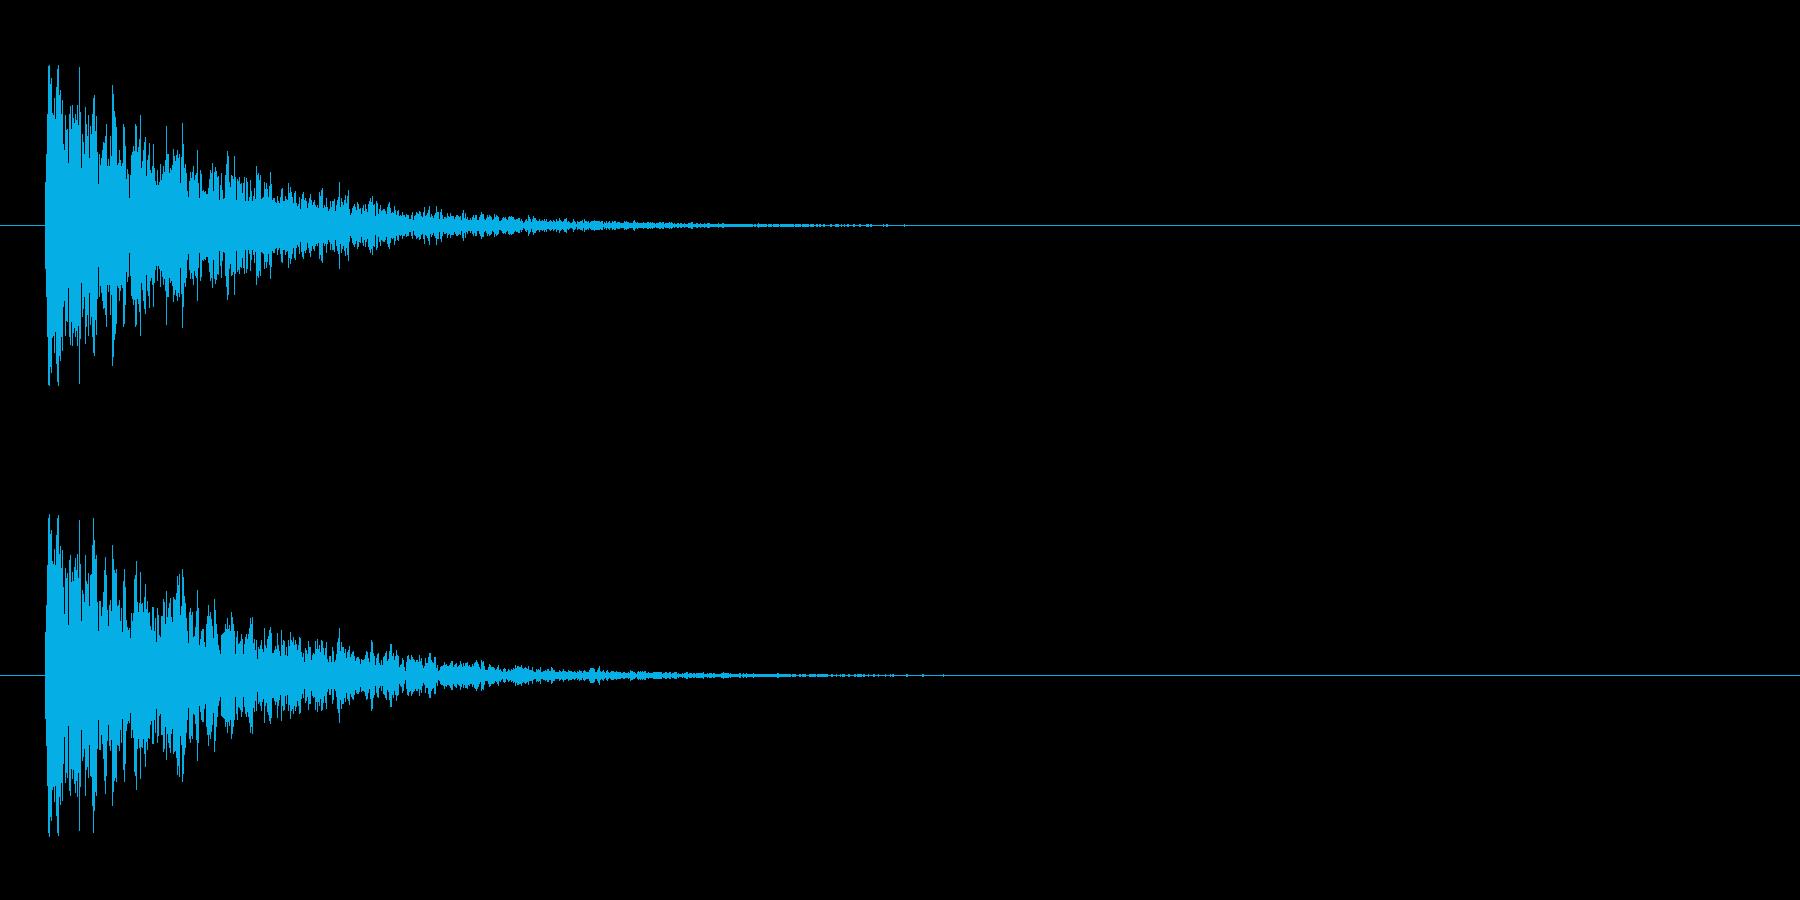 【アクセント10-1】の再生済みの波形